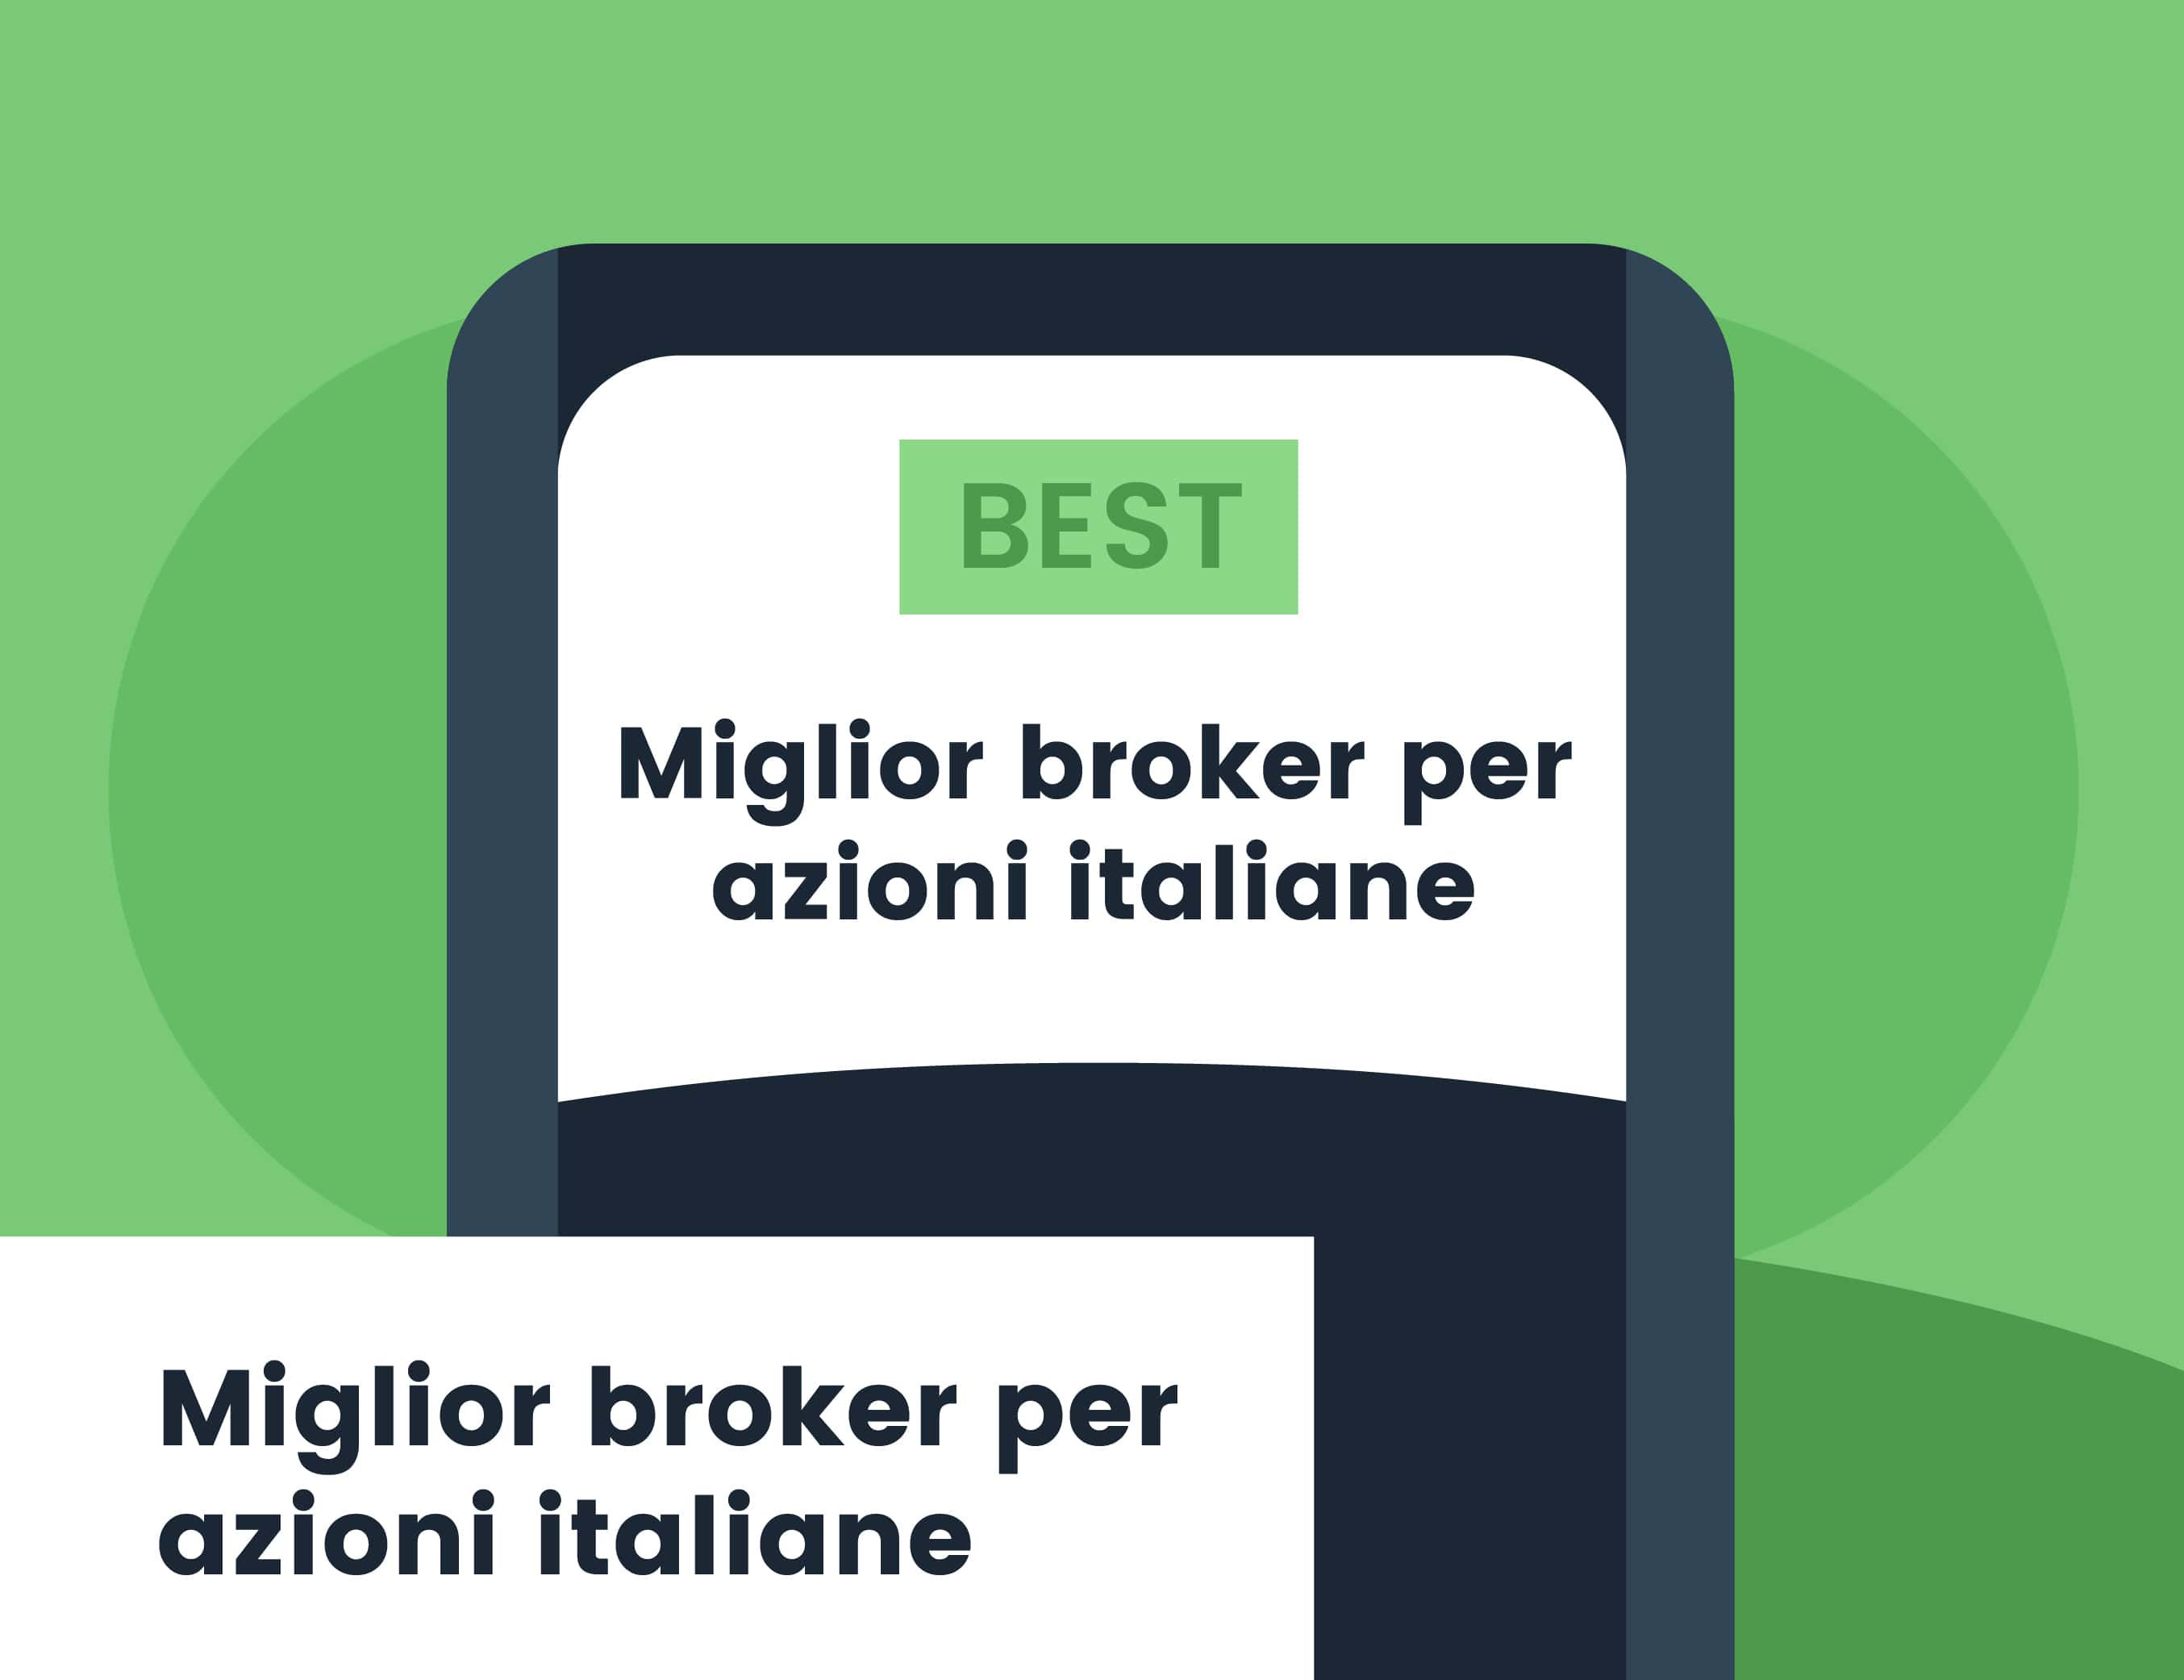 Piattaforme di trading online affidabili e regolamentate (migliori broker trading con licenza)